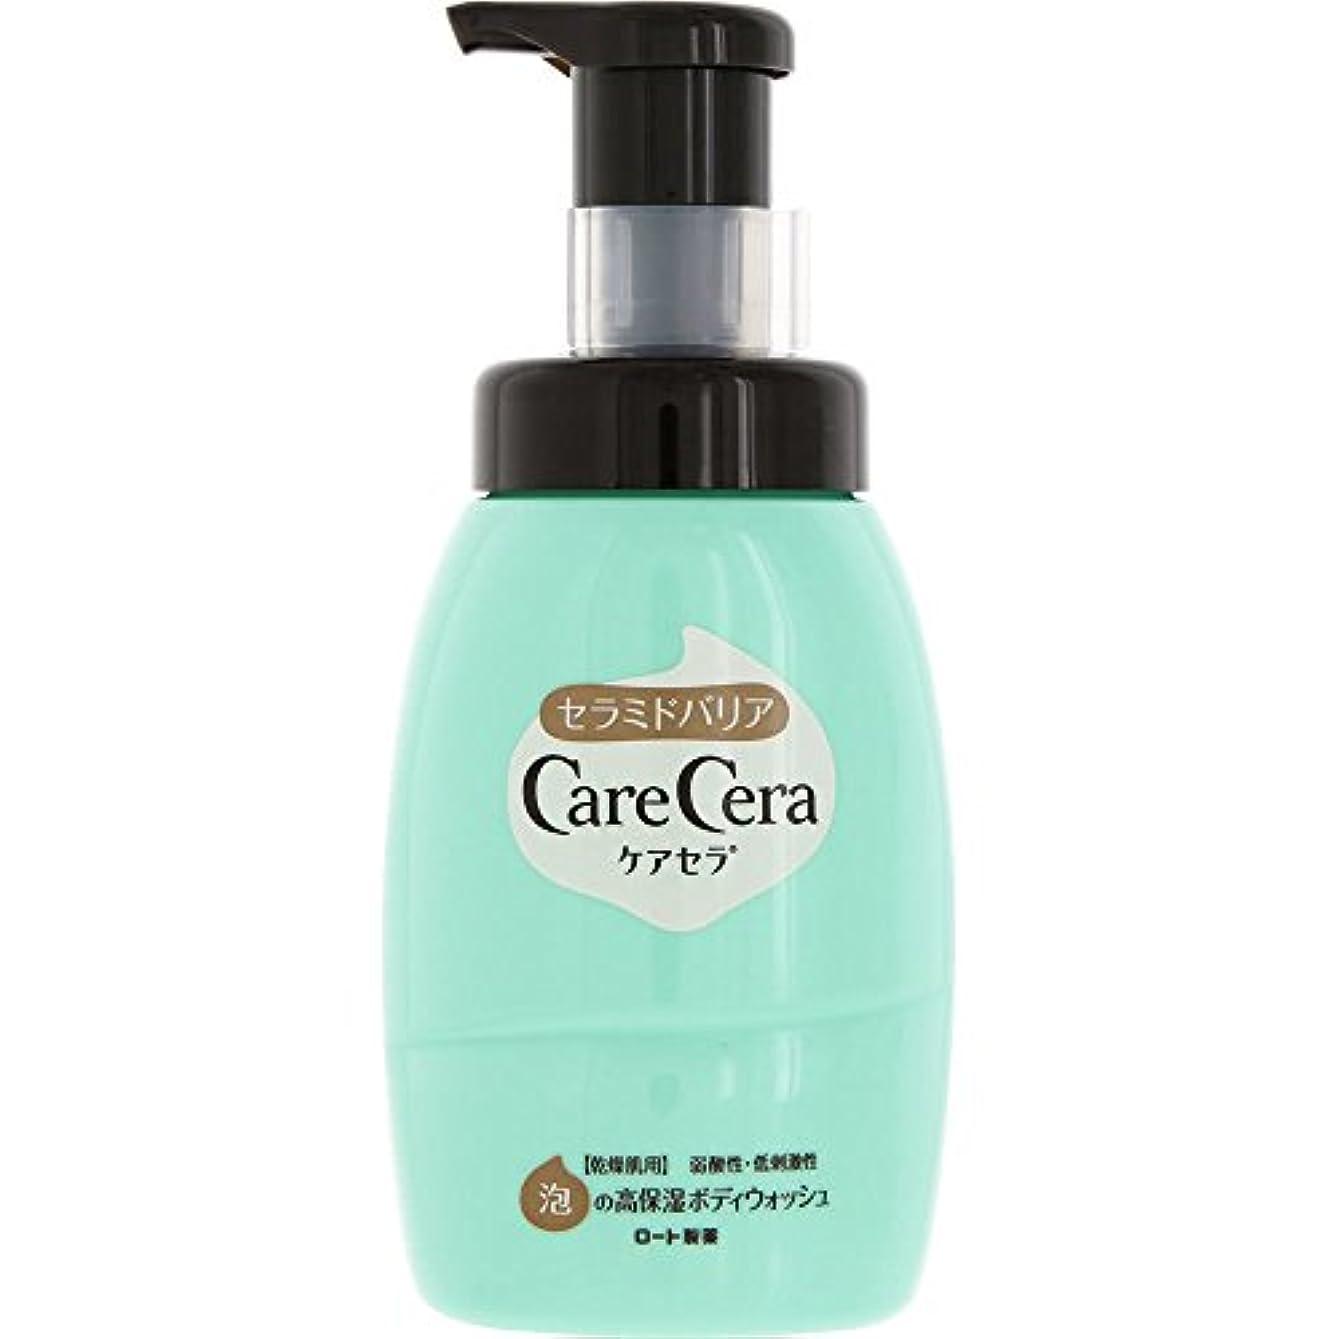 神聖銅奨励しますケアセラ(CareCera) ロート製薬 ケアセラ  天然型セラミド7種配合 セラミド濃度10倍泡の高保湿 全身ボディウォッシュ ピュアフローラルの香り お試し企画品 300mL